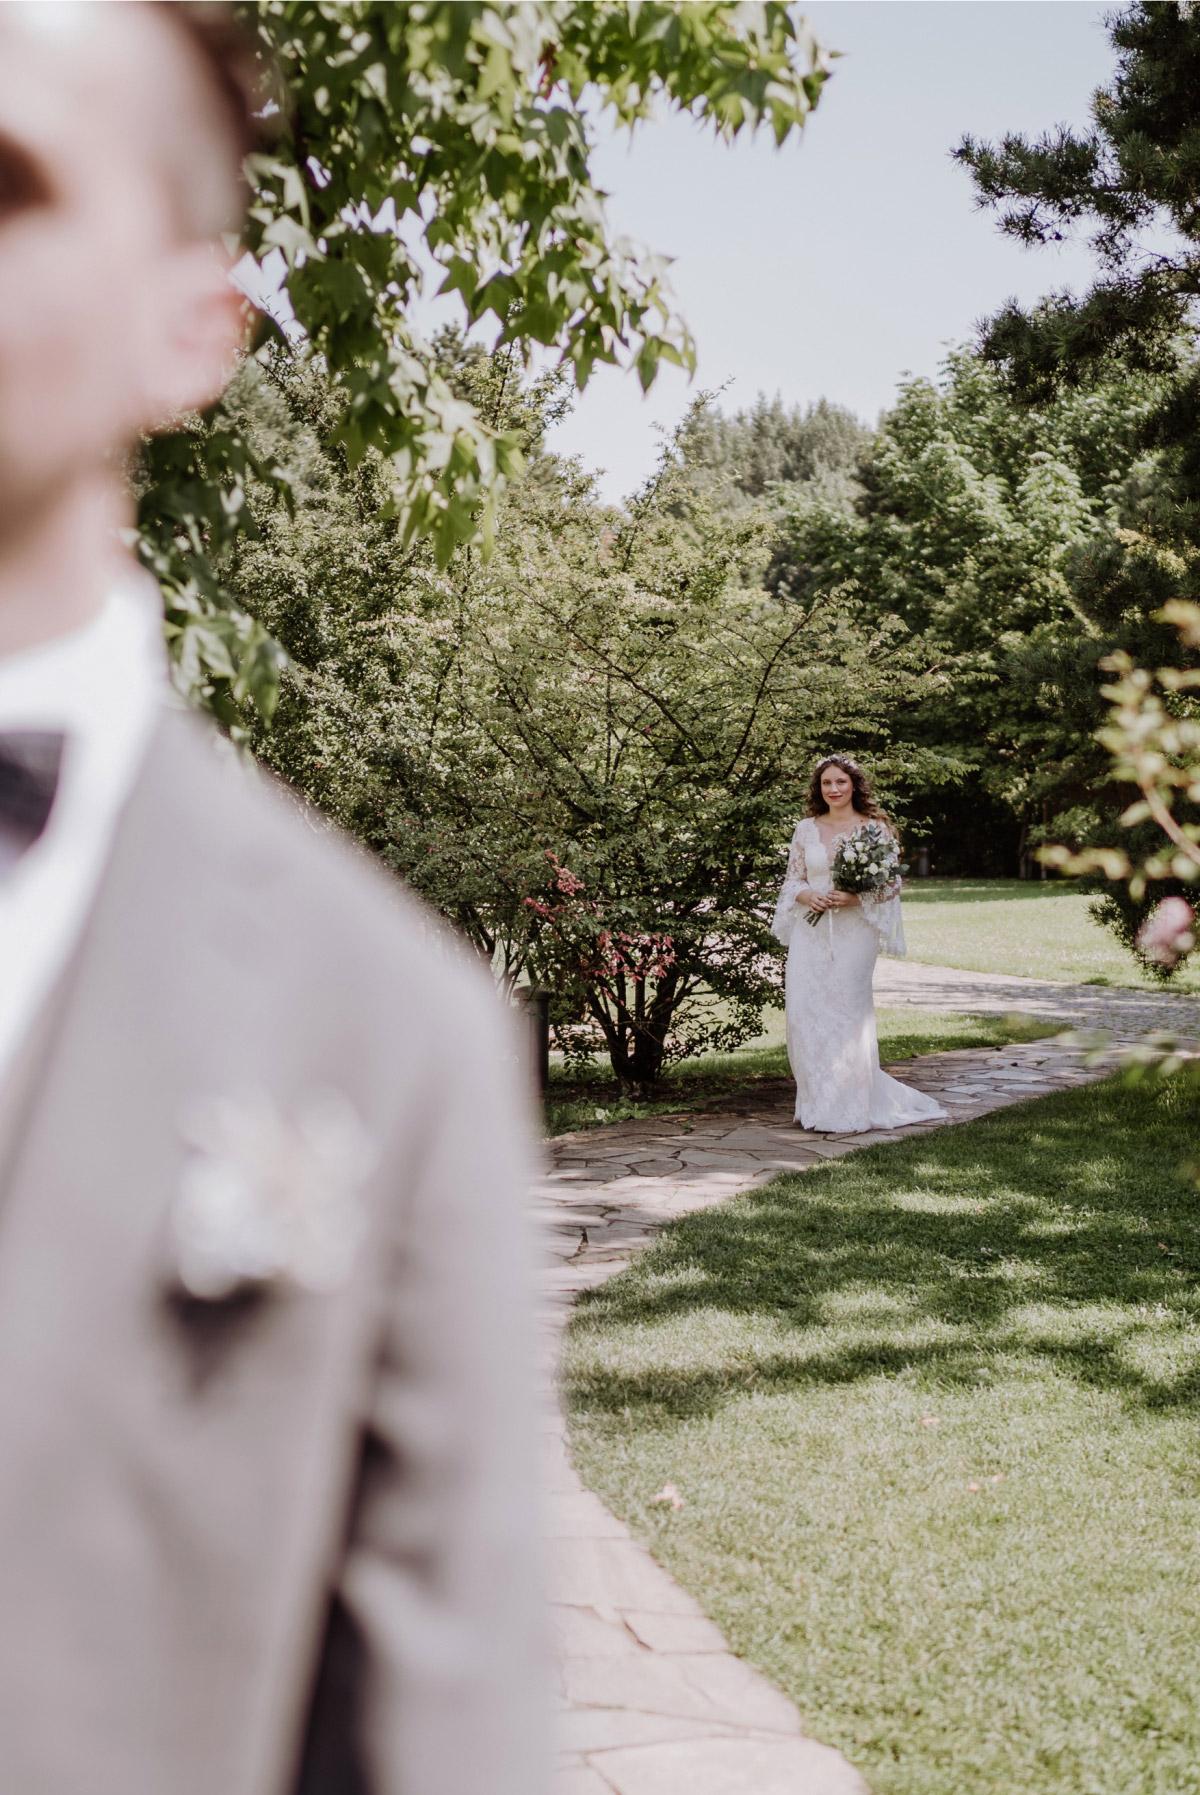 Hochzeitsfoto First Look - Corona Hochzeit im Standesamt Berlin Gärten der Welt Chinesischer Garten - mehr im Blog von Hochzeitsfotografin Berlin © www.hochzeitslicht.de #hochzeitslicht